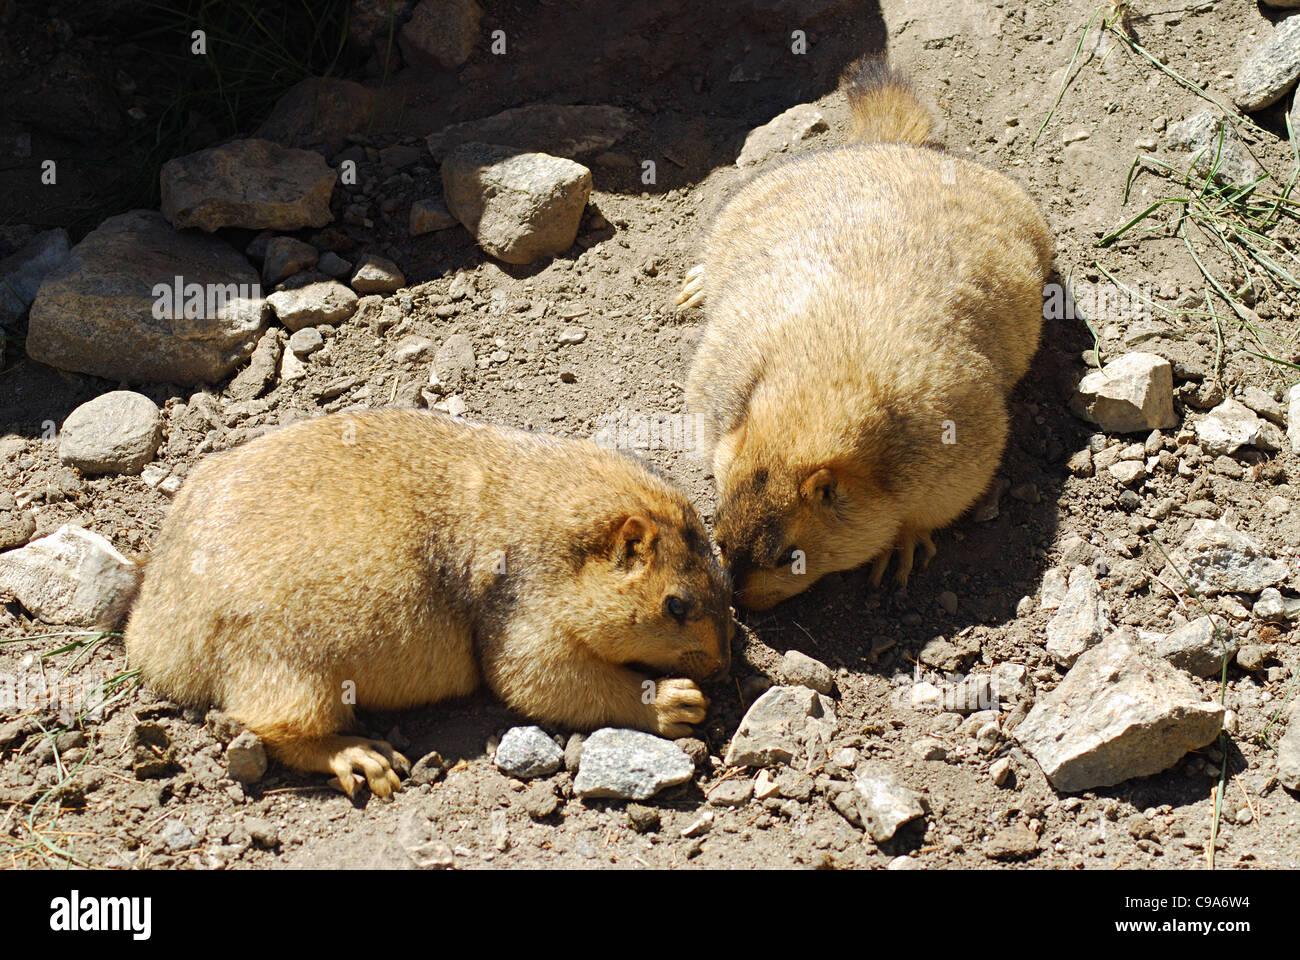 A pair of Himalayan Marmots. Ladakh, Jammu & Kashmir State, India. - Stock Image